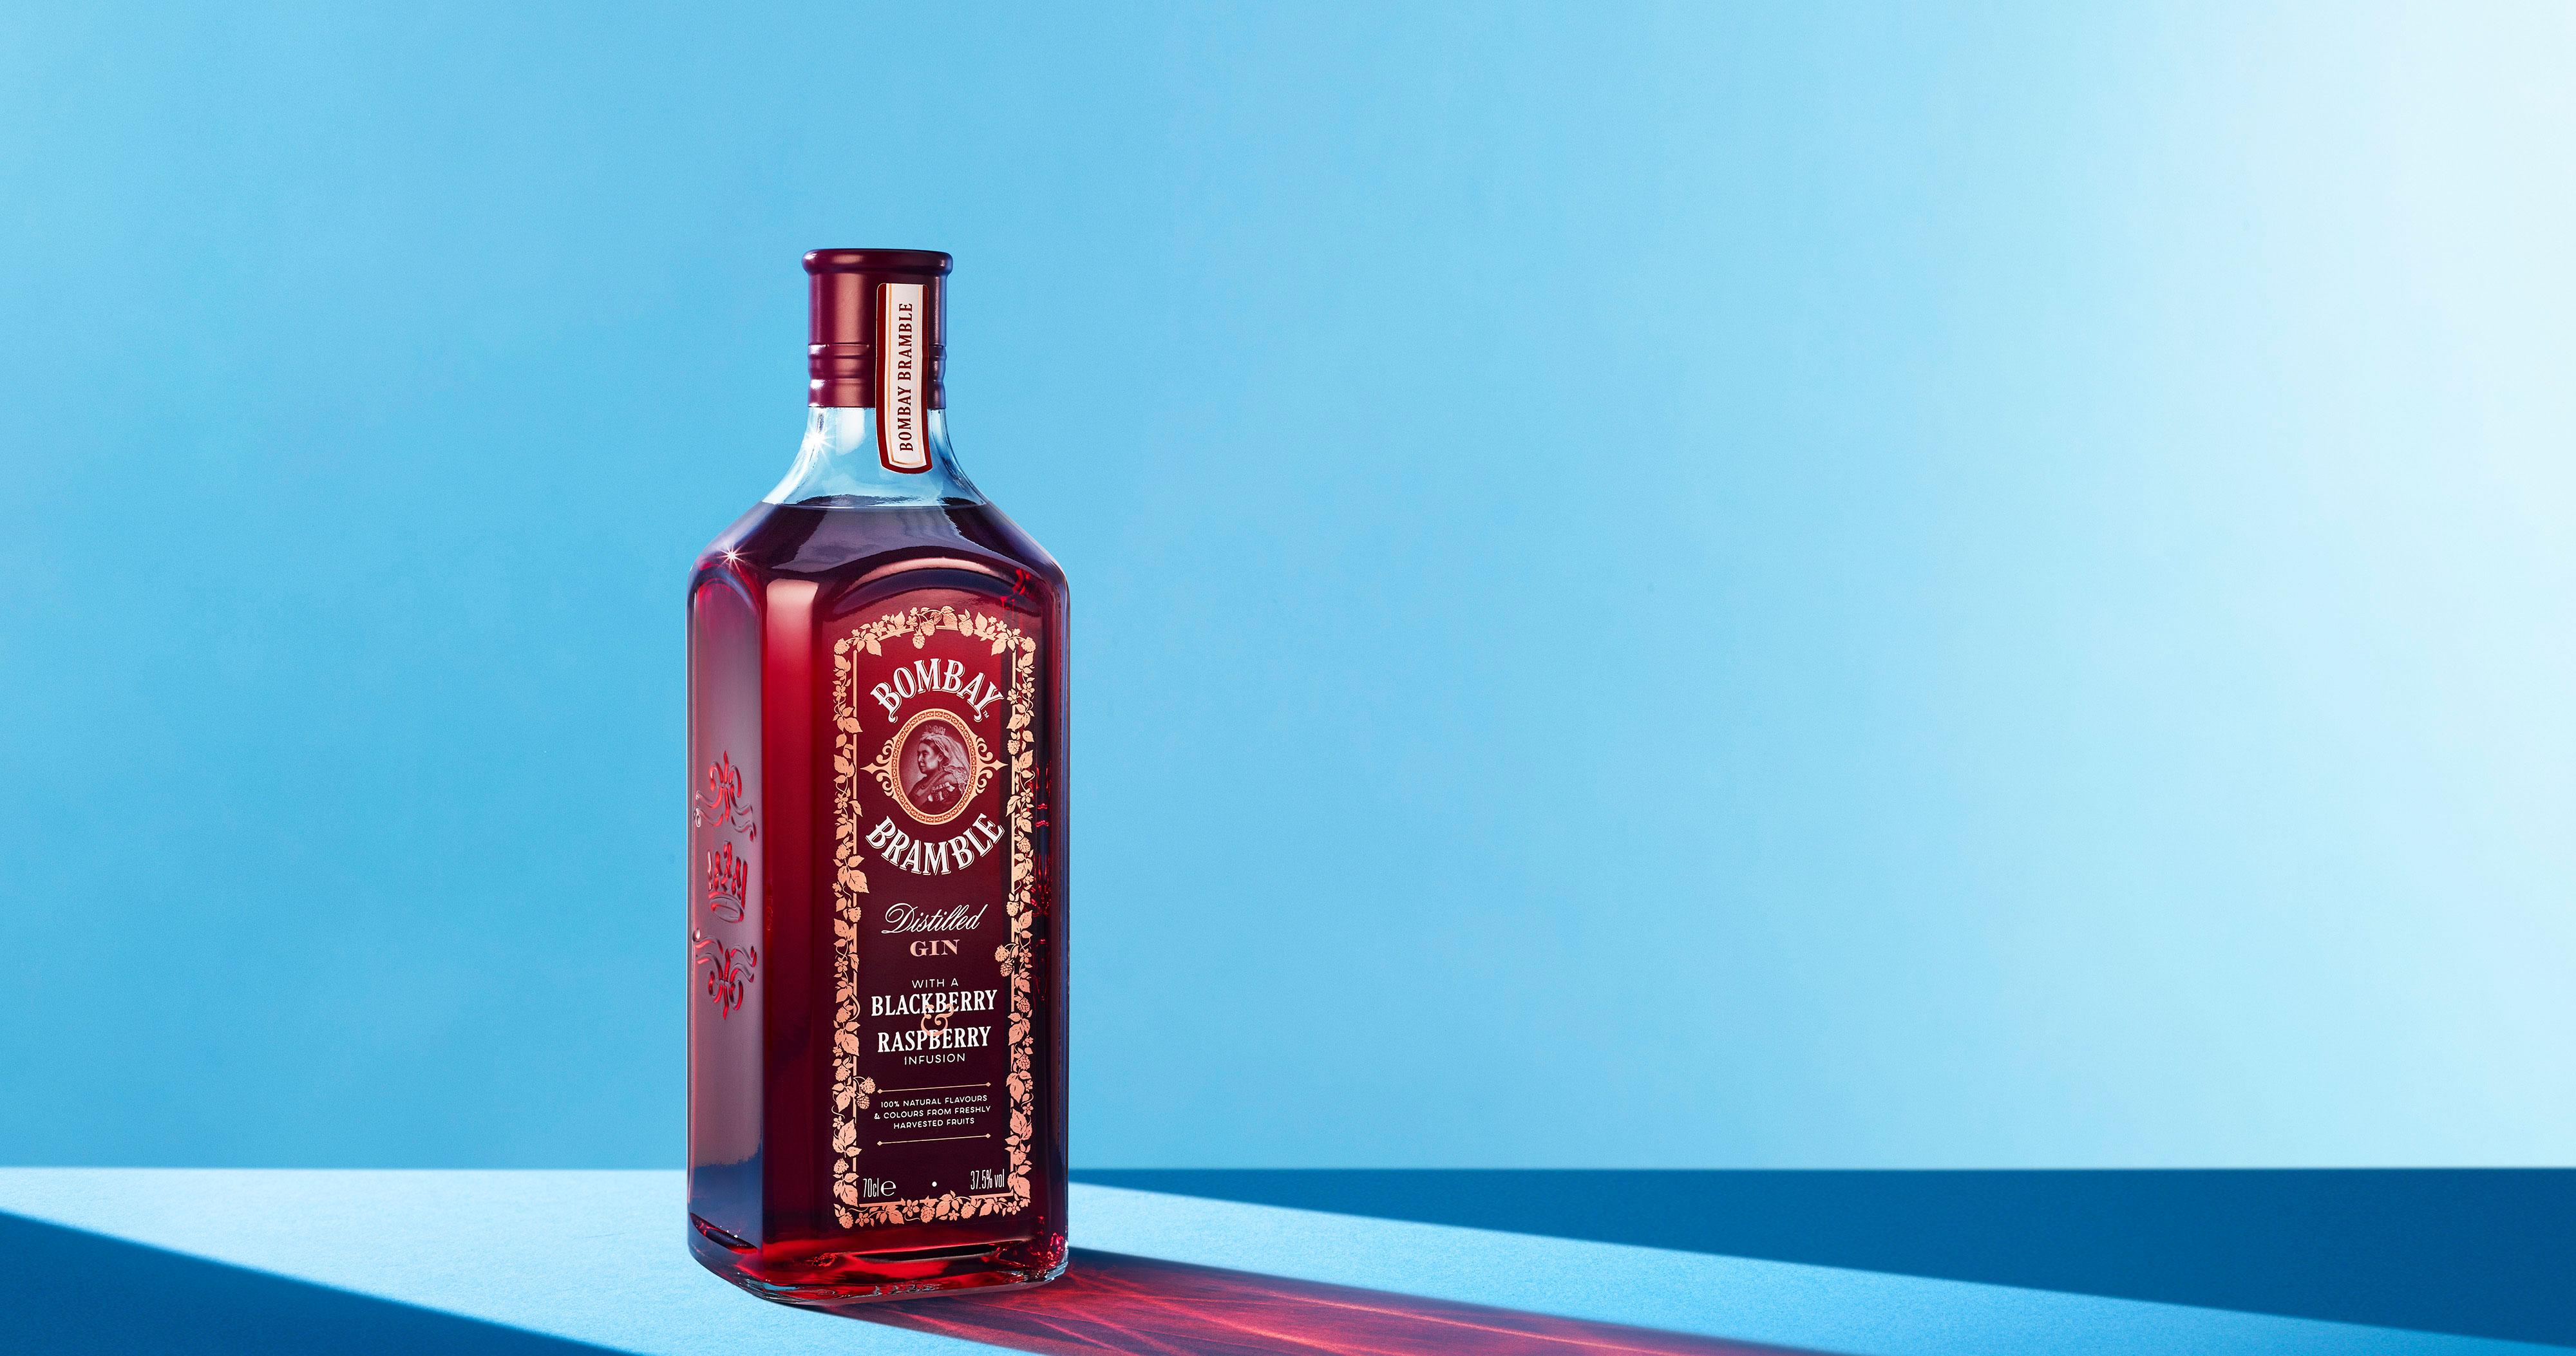 Bombay lança gin saborizado com frutas vermelhas no Brasil Eventos BaresSP 570x300 imagem